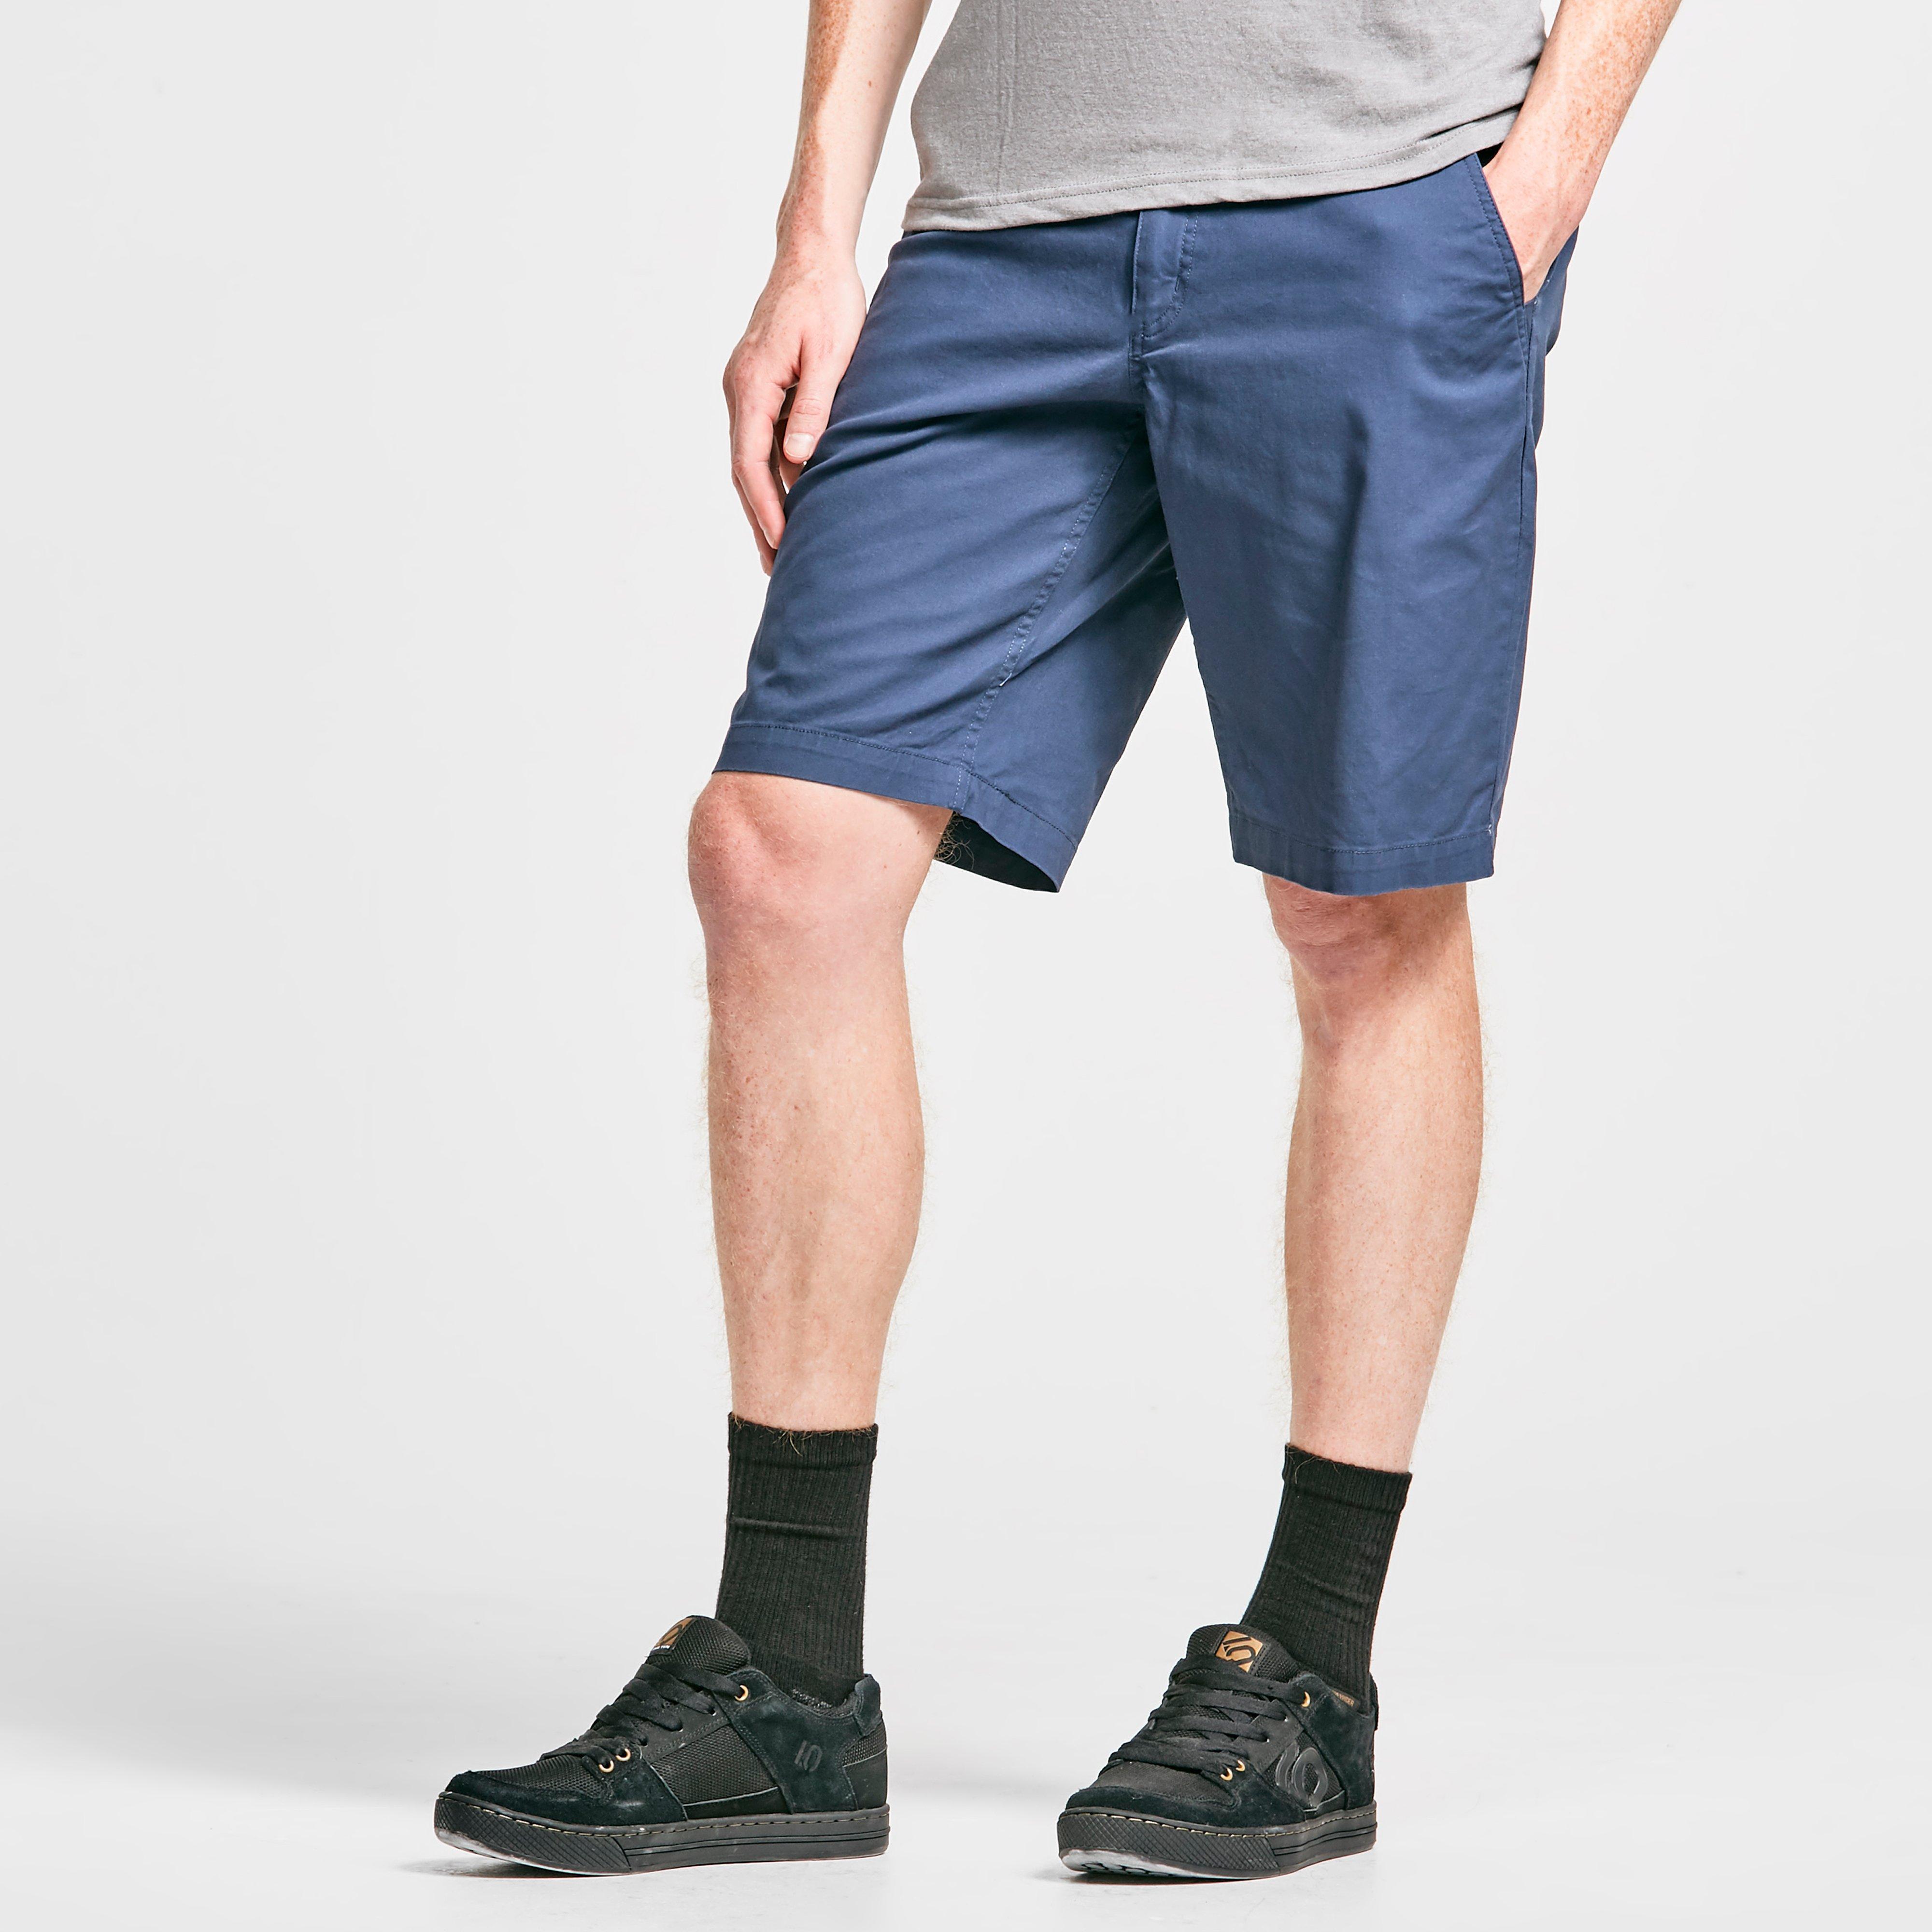 Fox Mens Essex Shorts 20, NAVY/NAVY